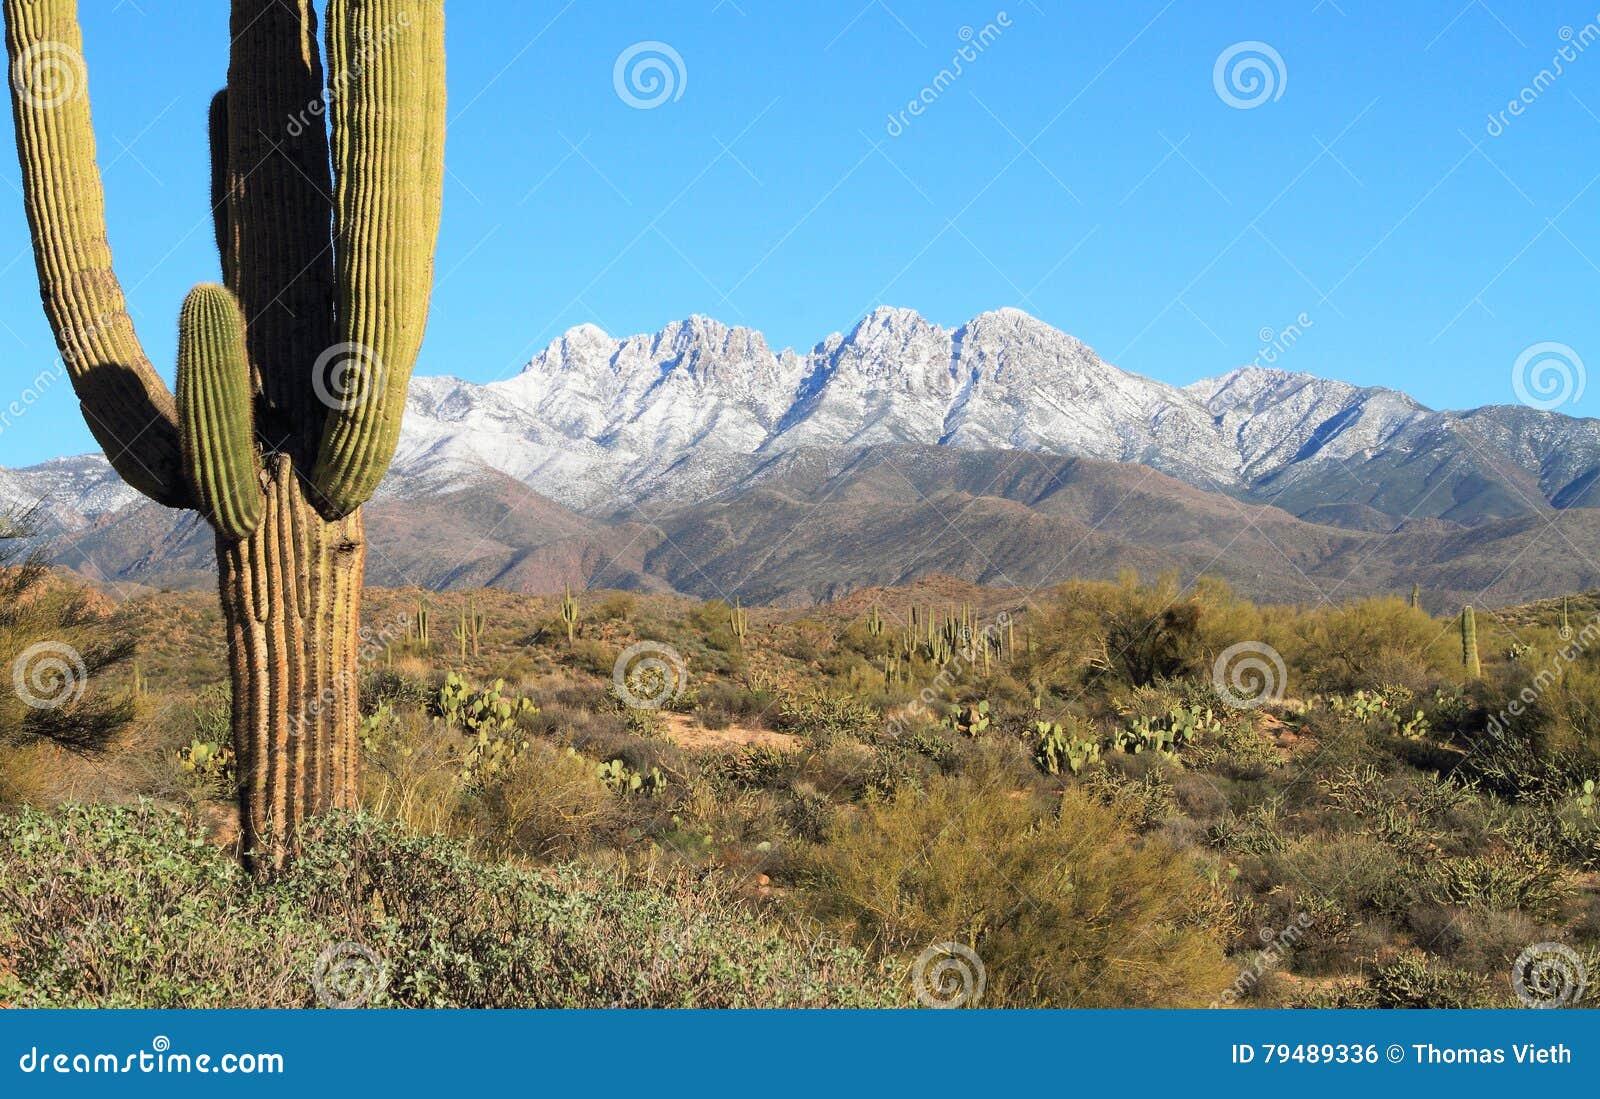 Les Etats-Unis, Arizona : Neigez sur quatre crêtes/hiver dans le désert de Sonoran